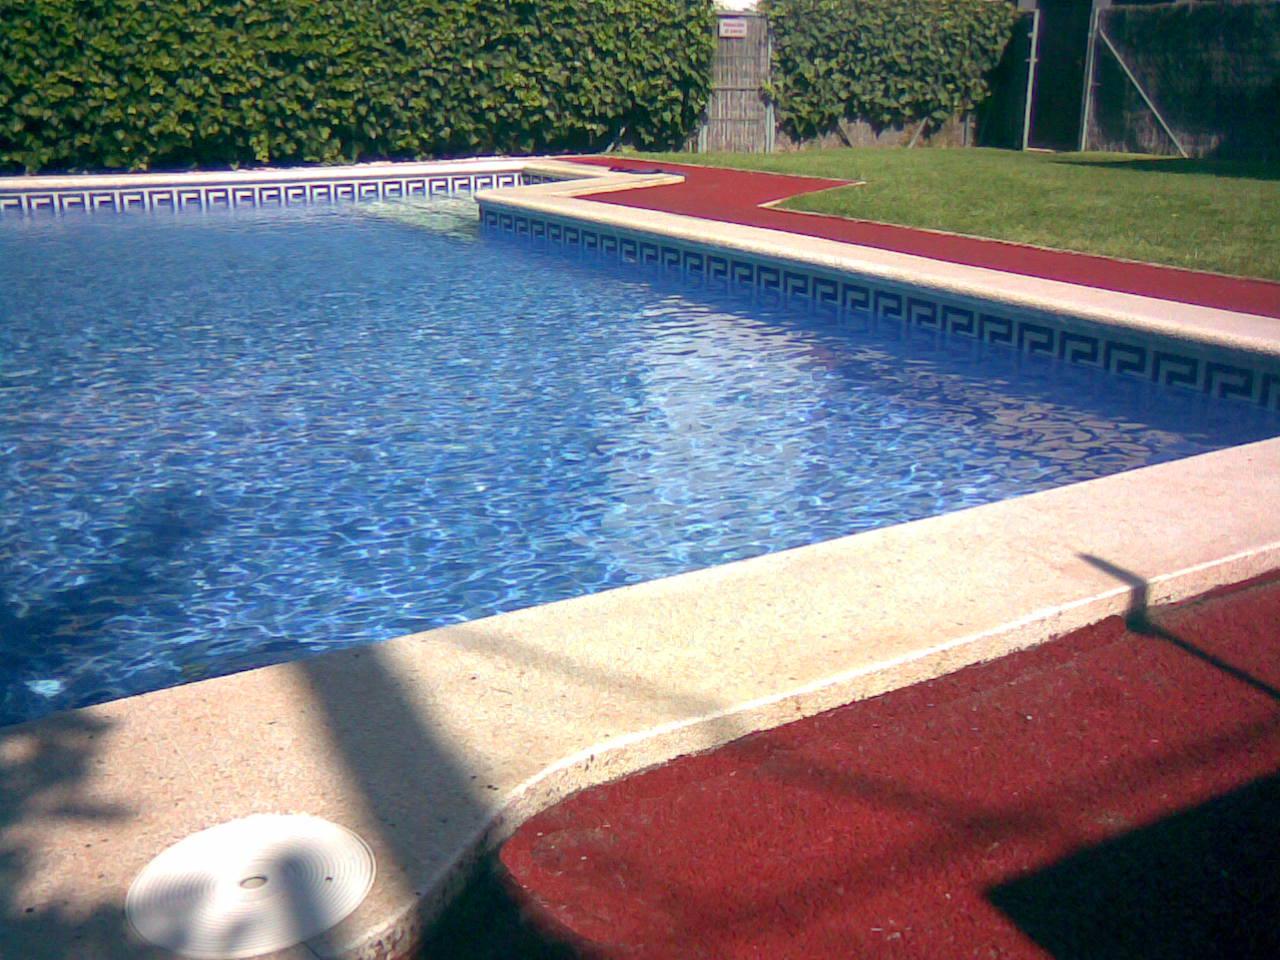 Mantenimiento de jardín y piscina, Castelldefels, Barcelona